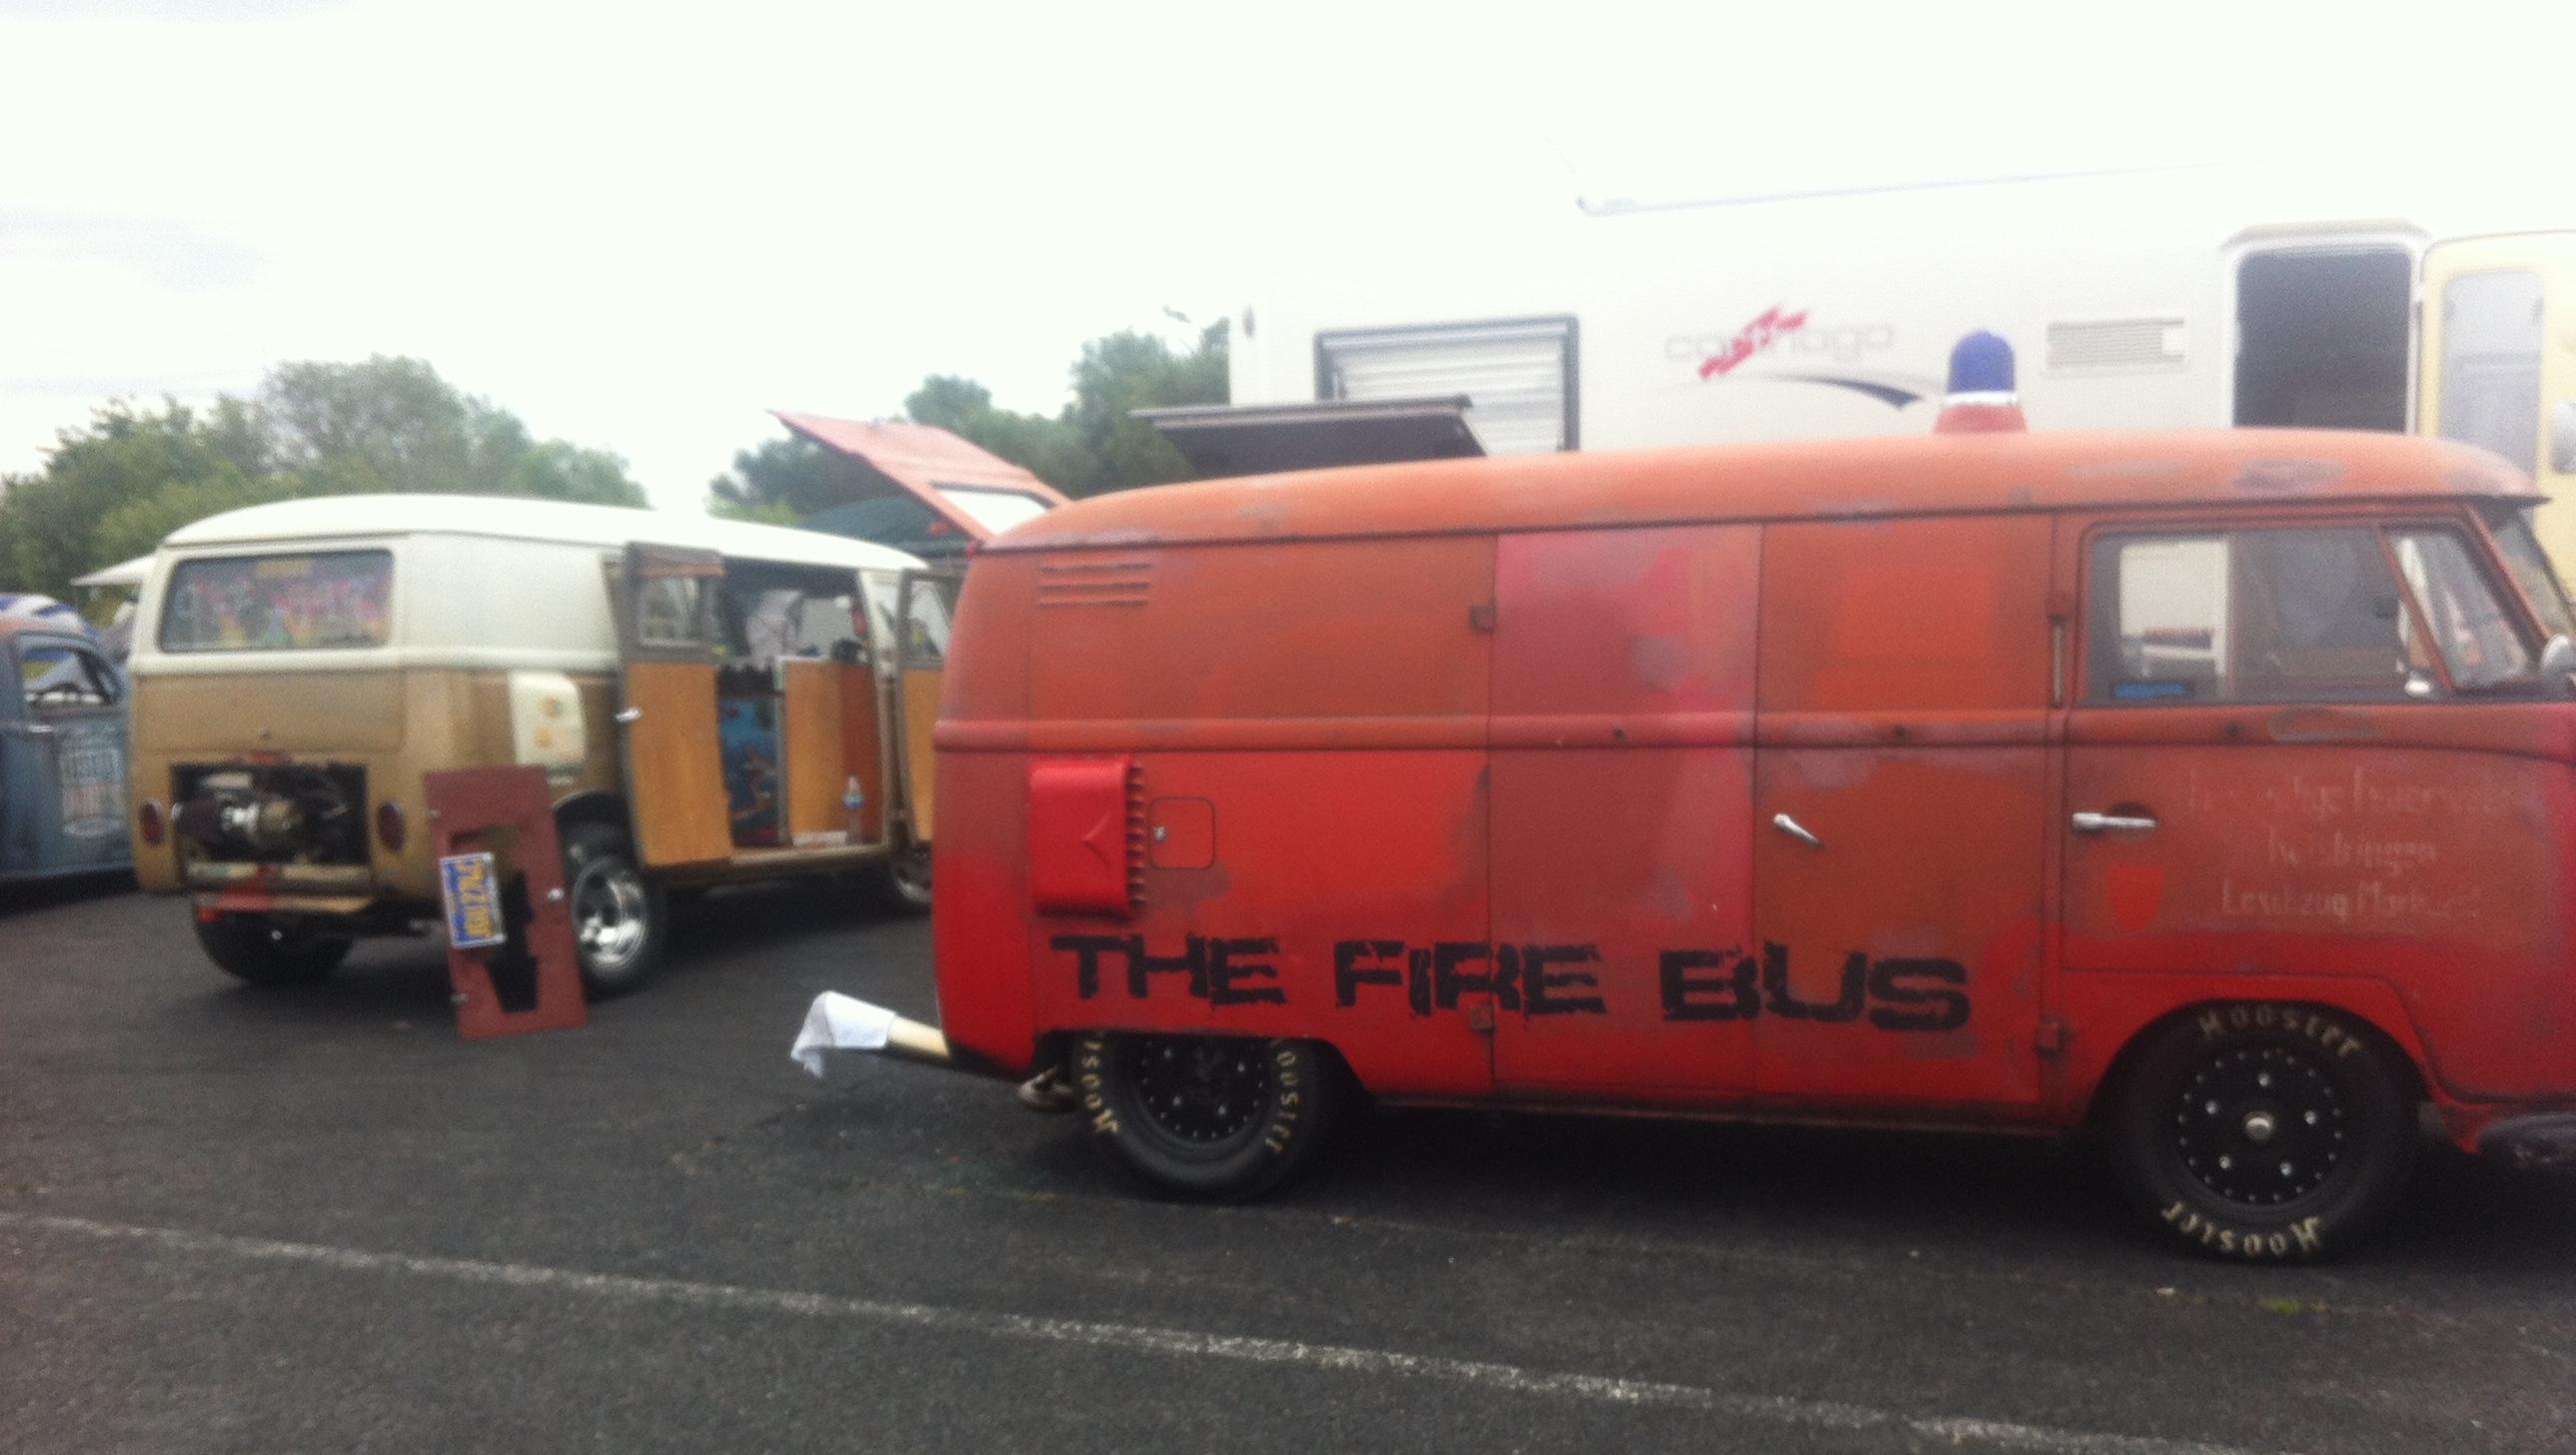 fire bus 2